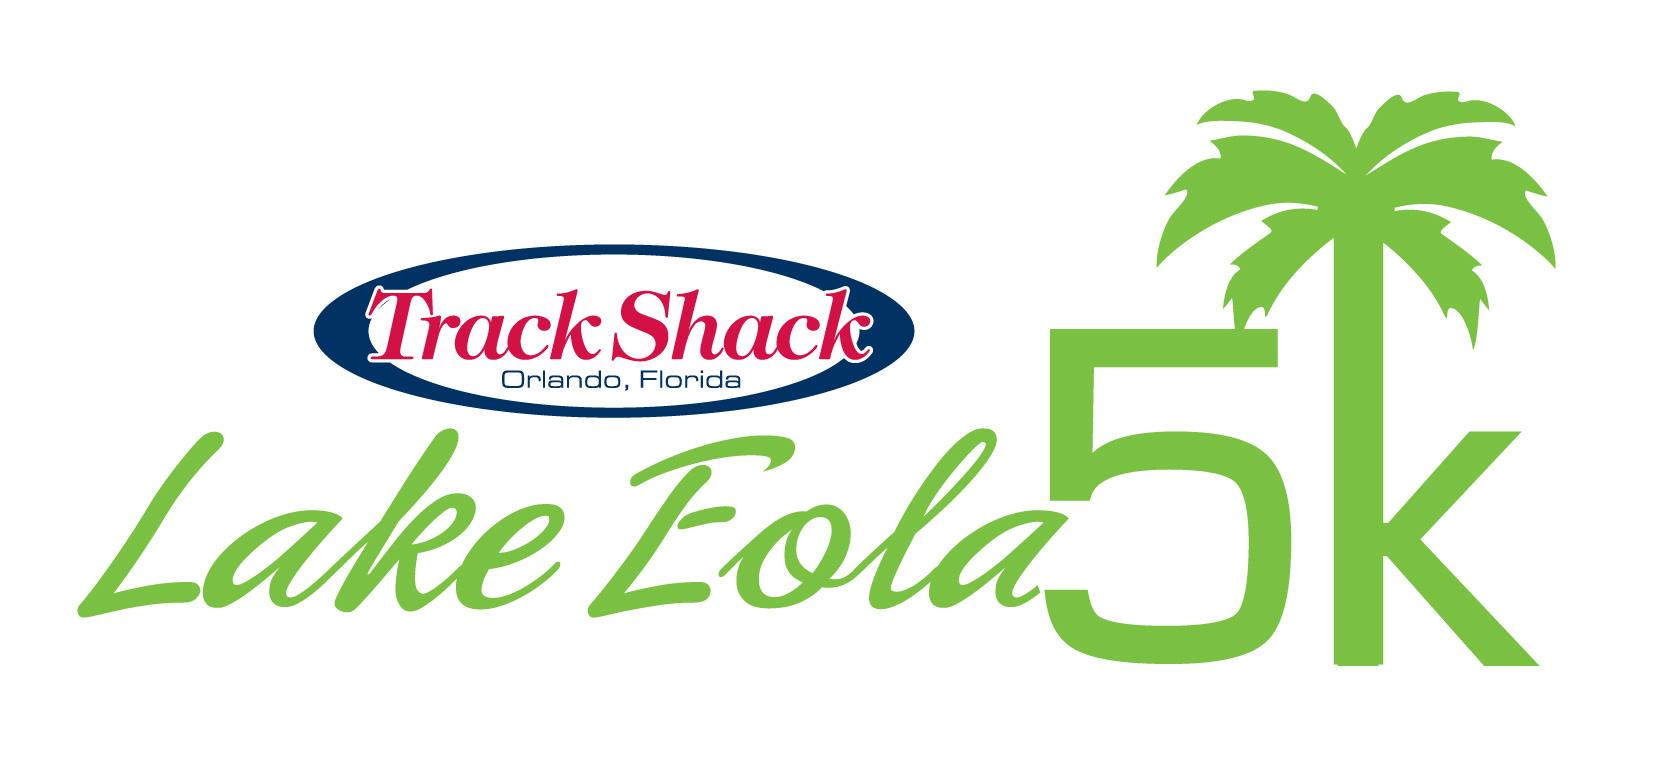 Track Shack Lake Eola 5k Registration - Save $5